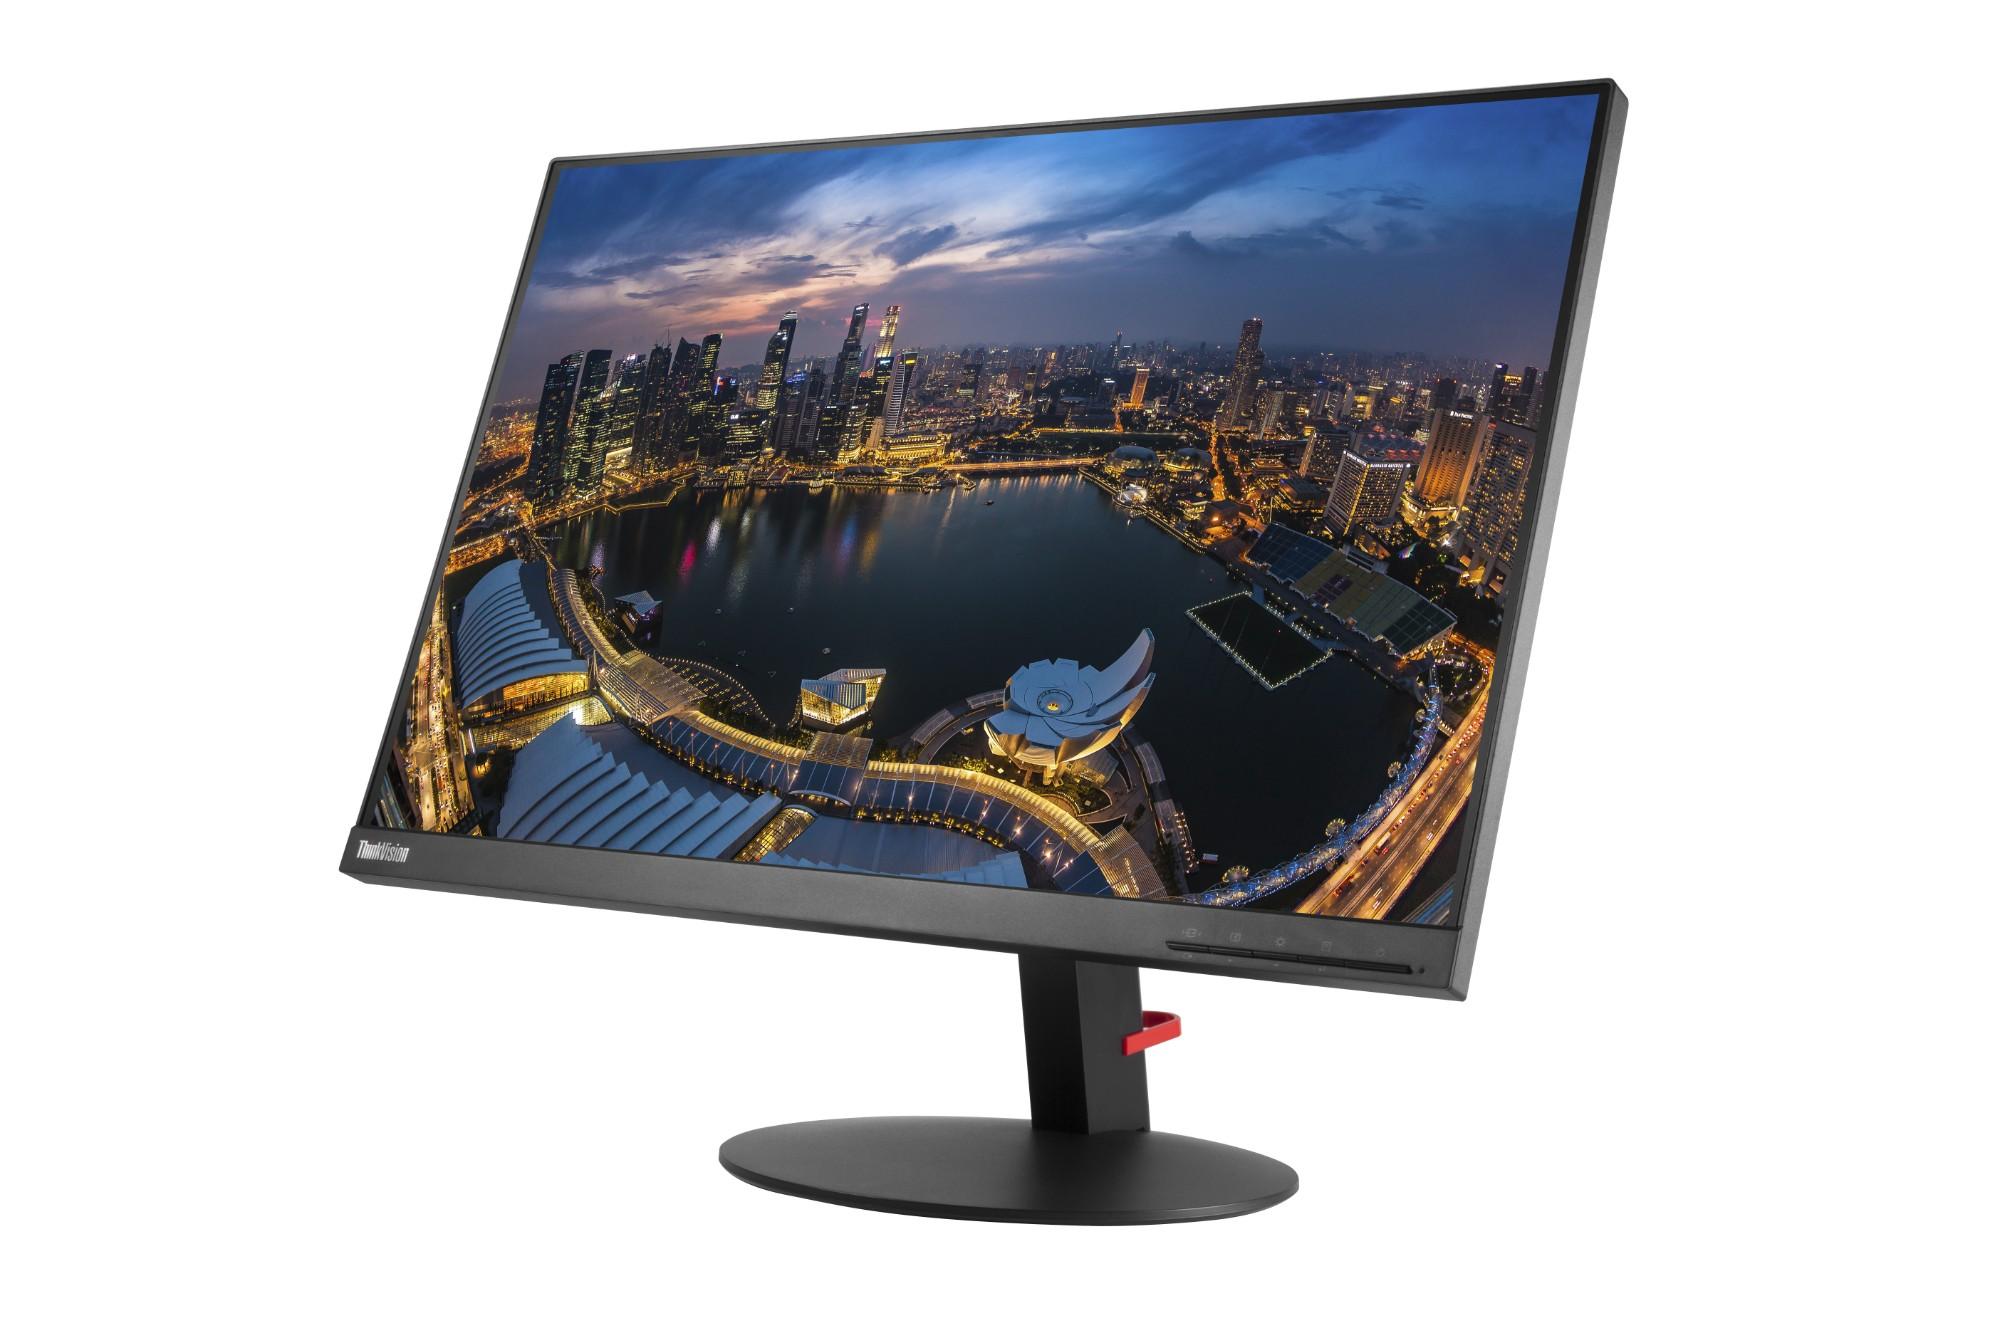 Lenovo ThinkVision T24d 61 cm (24